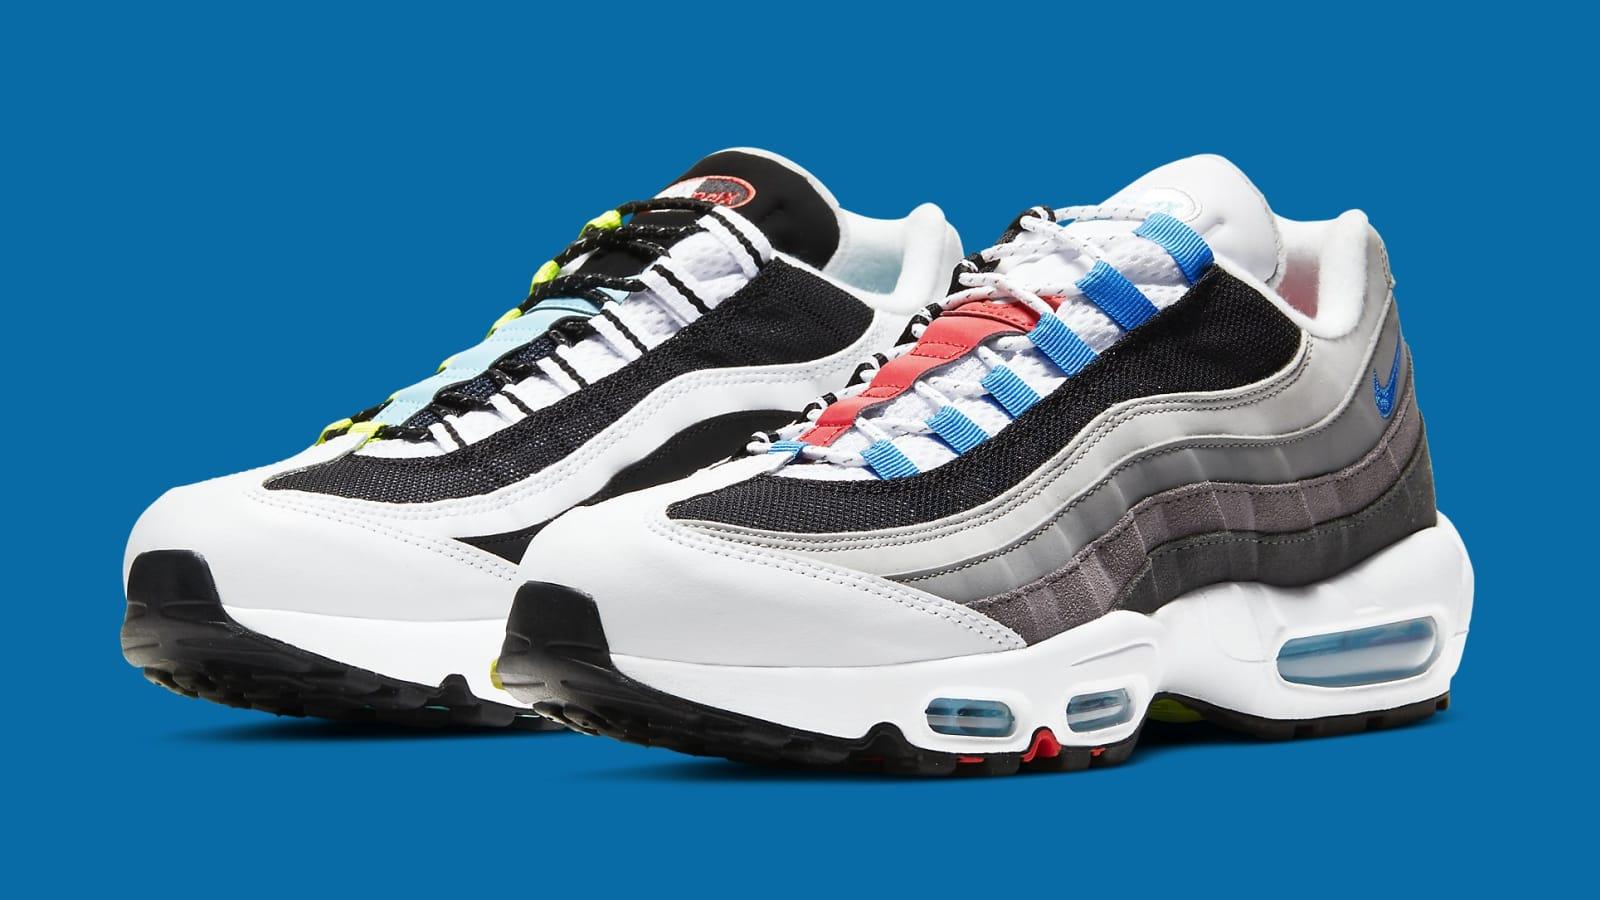 nike air max 95 greedy 2 0 cj0589 001 pair